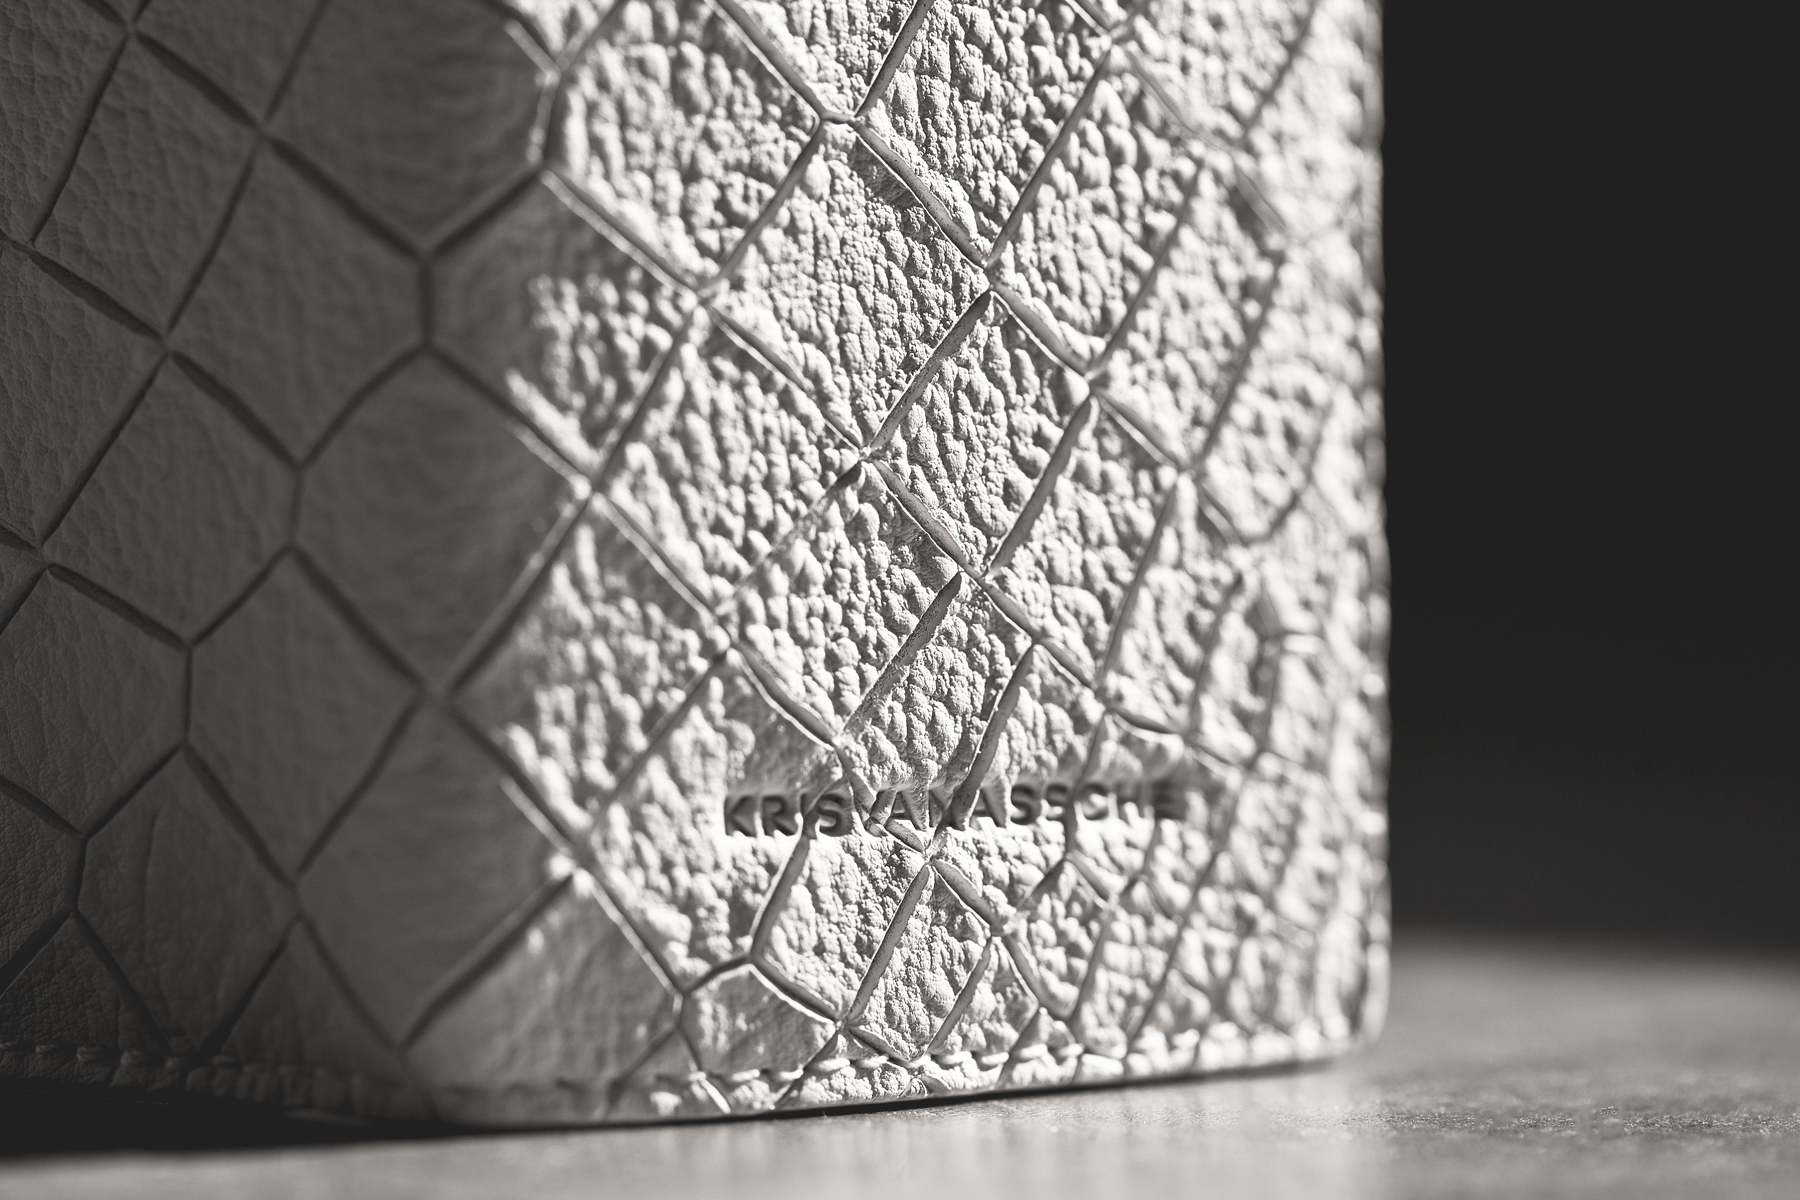 krisvanassche 2014 spring summer croc skin accessories